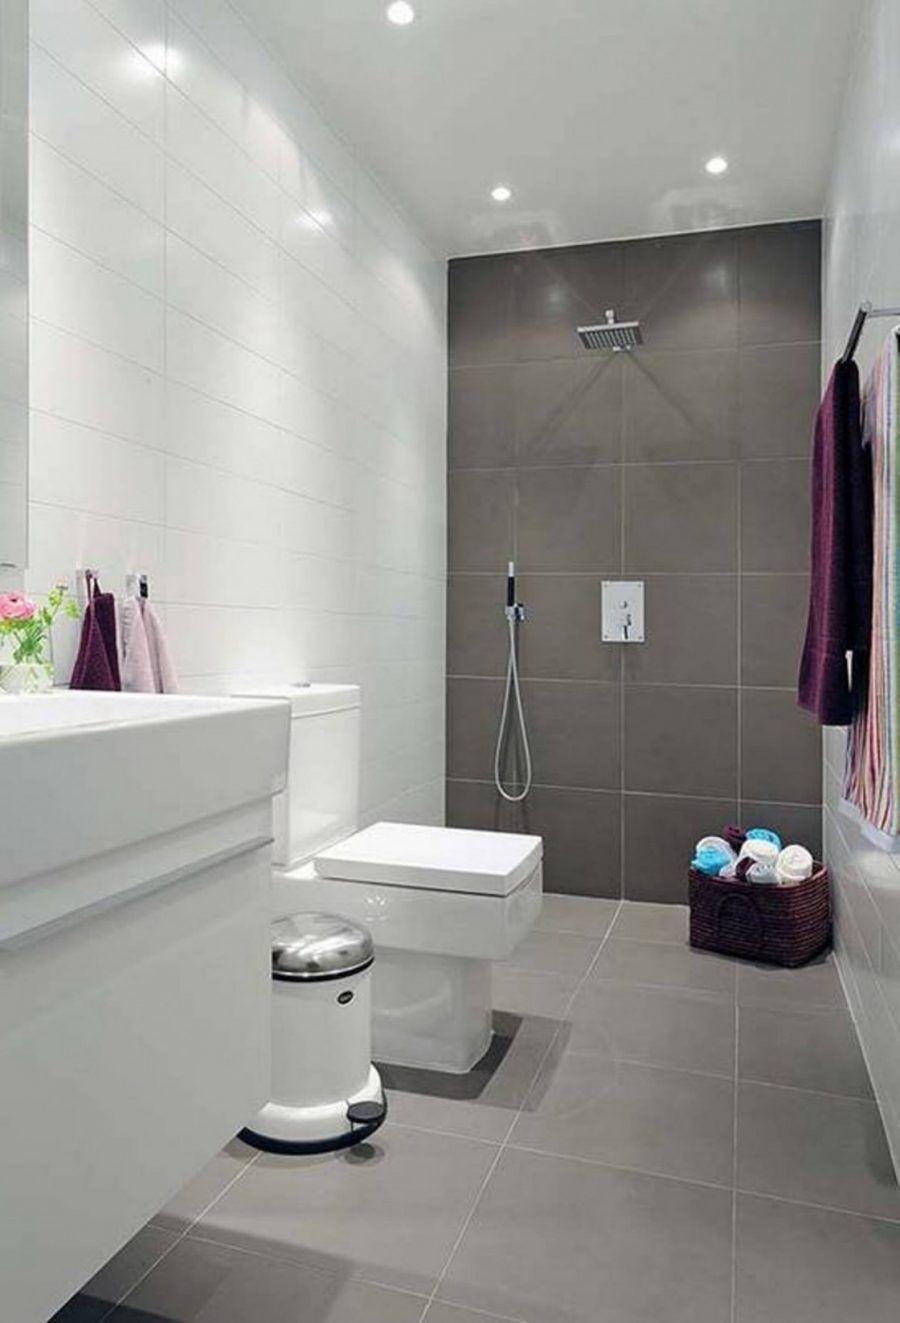 Design Small Bathroom   Home Design Outlet Center   Shop Bathroom Vanities    Small Bathroom Tile Design Home Design Ideas Pictures Houzz.com   Small  ...